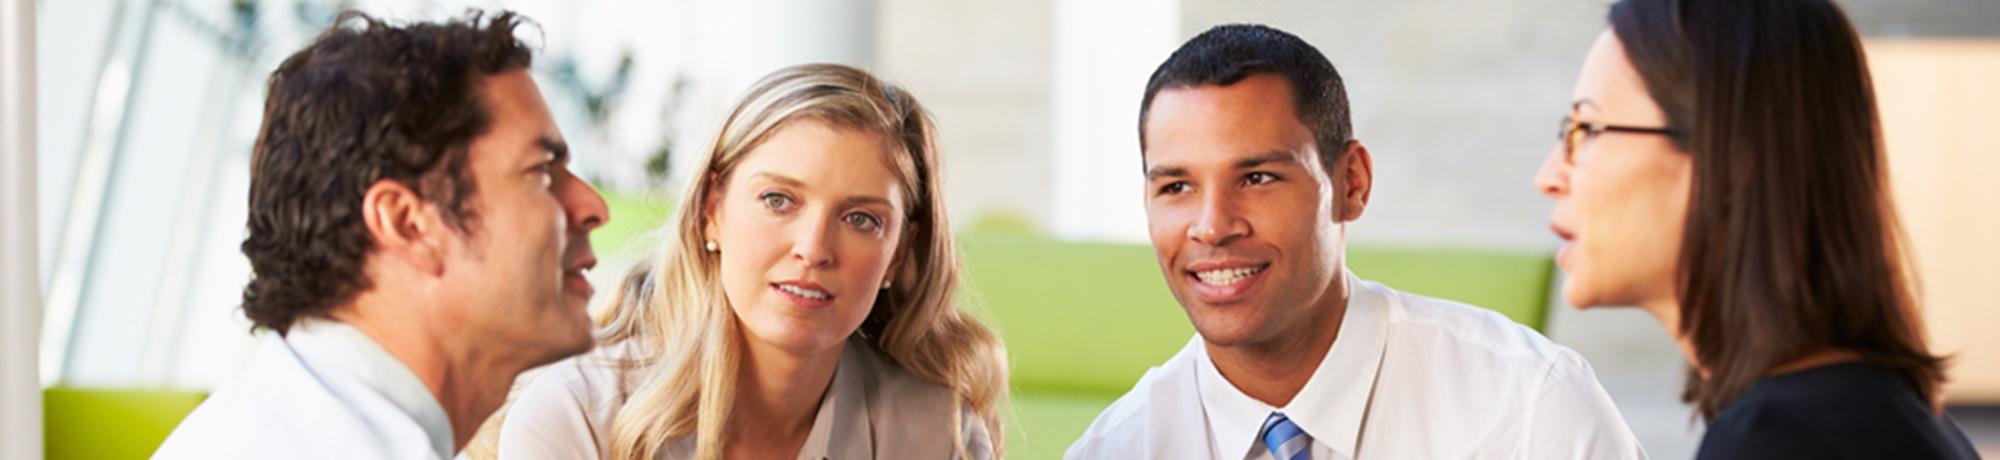 treinamento-relacionamento-interpessoal